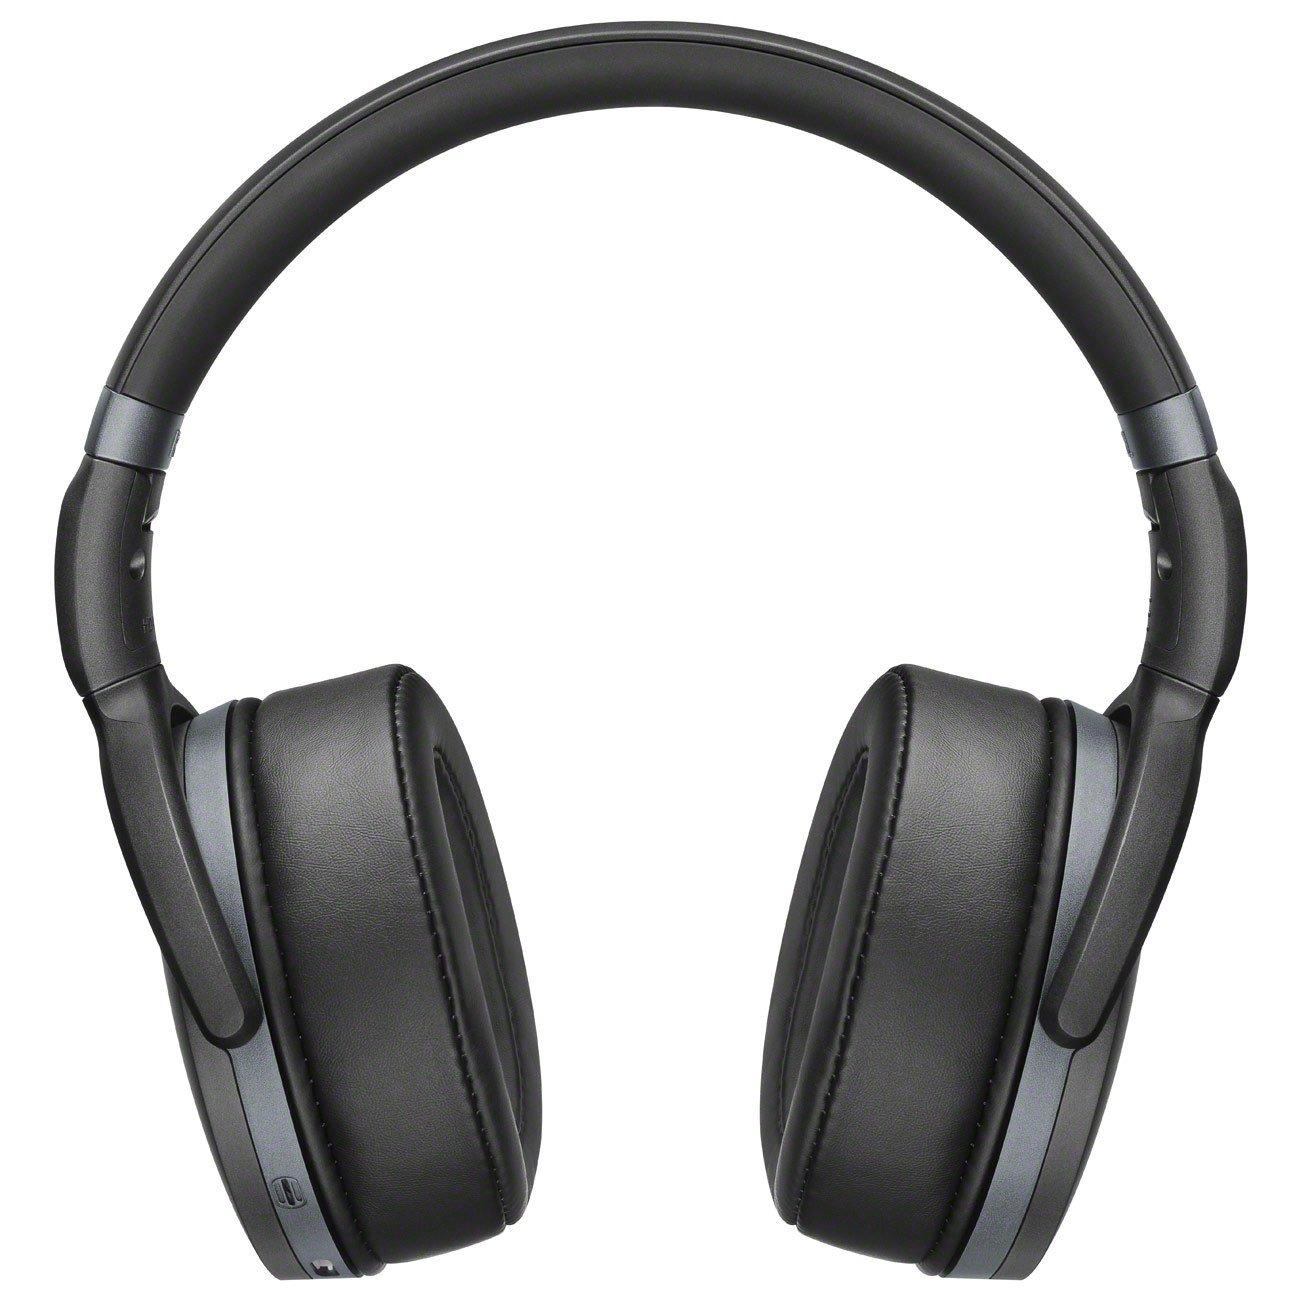 Casque Audio Pas Cher Bonne Qualité Philips Shc8535 Test Complet